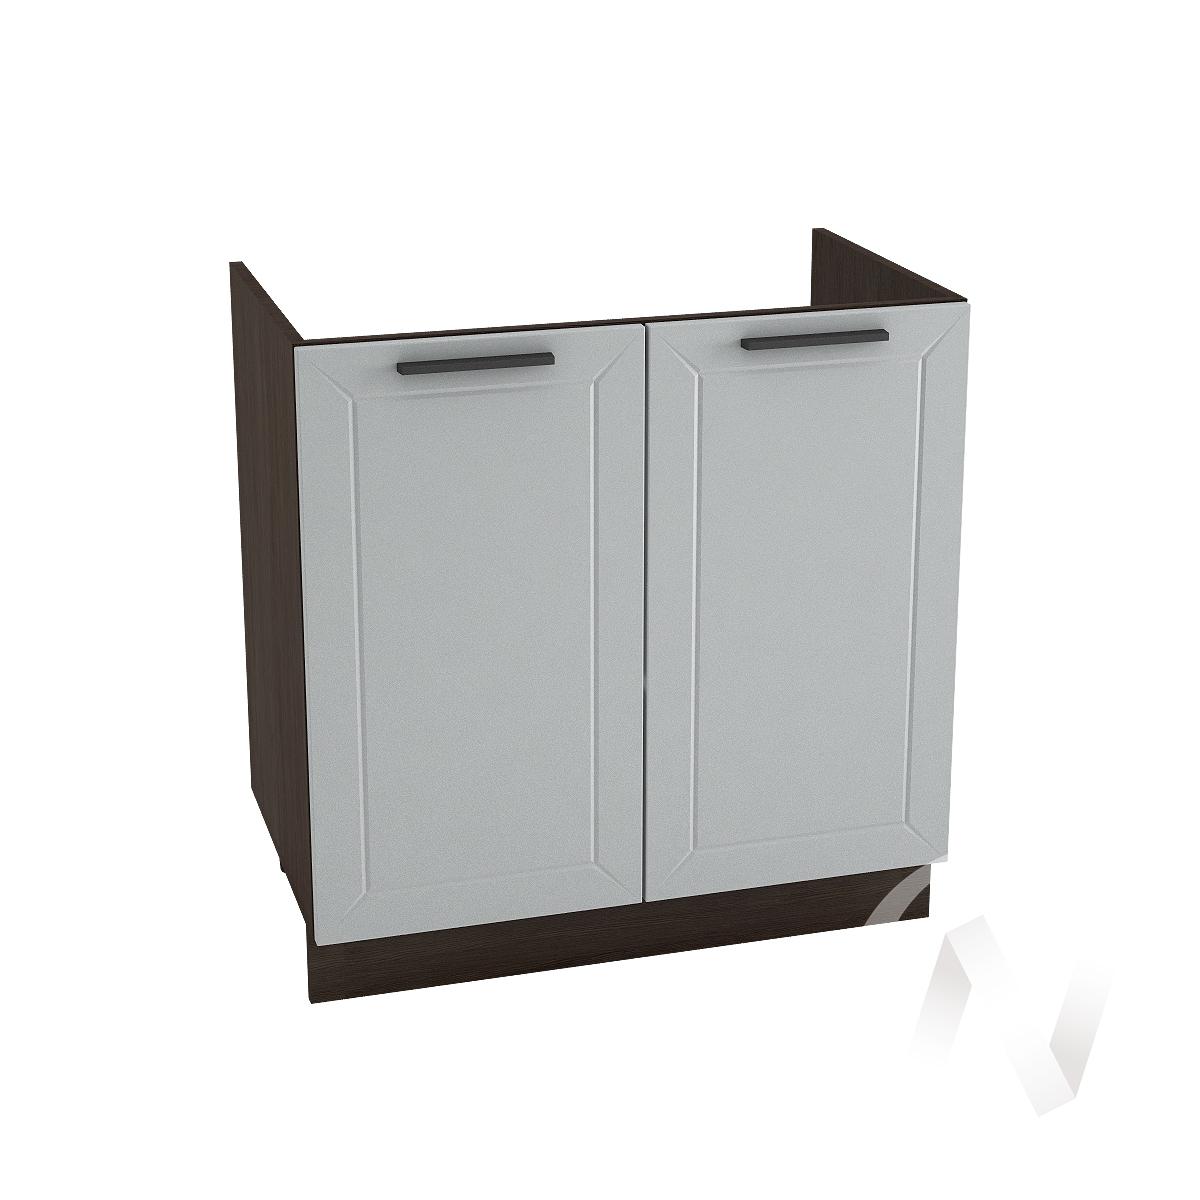 """Кухня """"Глетчер"""": Шкаф нижний под мойку 800, ШНМ 800 новый (Гейнсборо Силк/корпус венге)"""